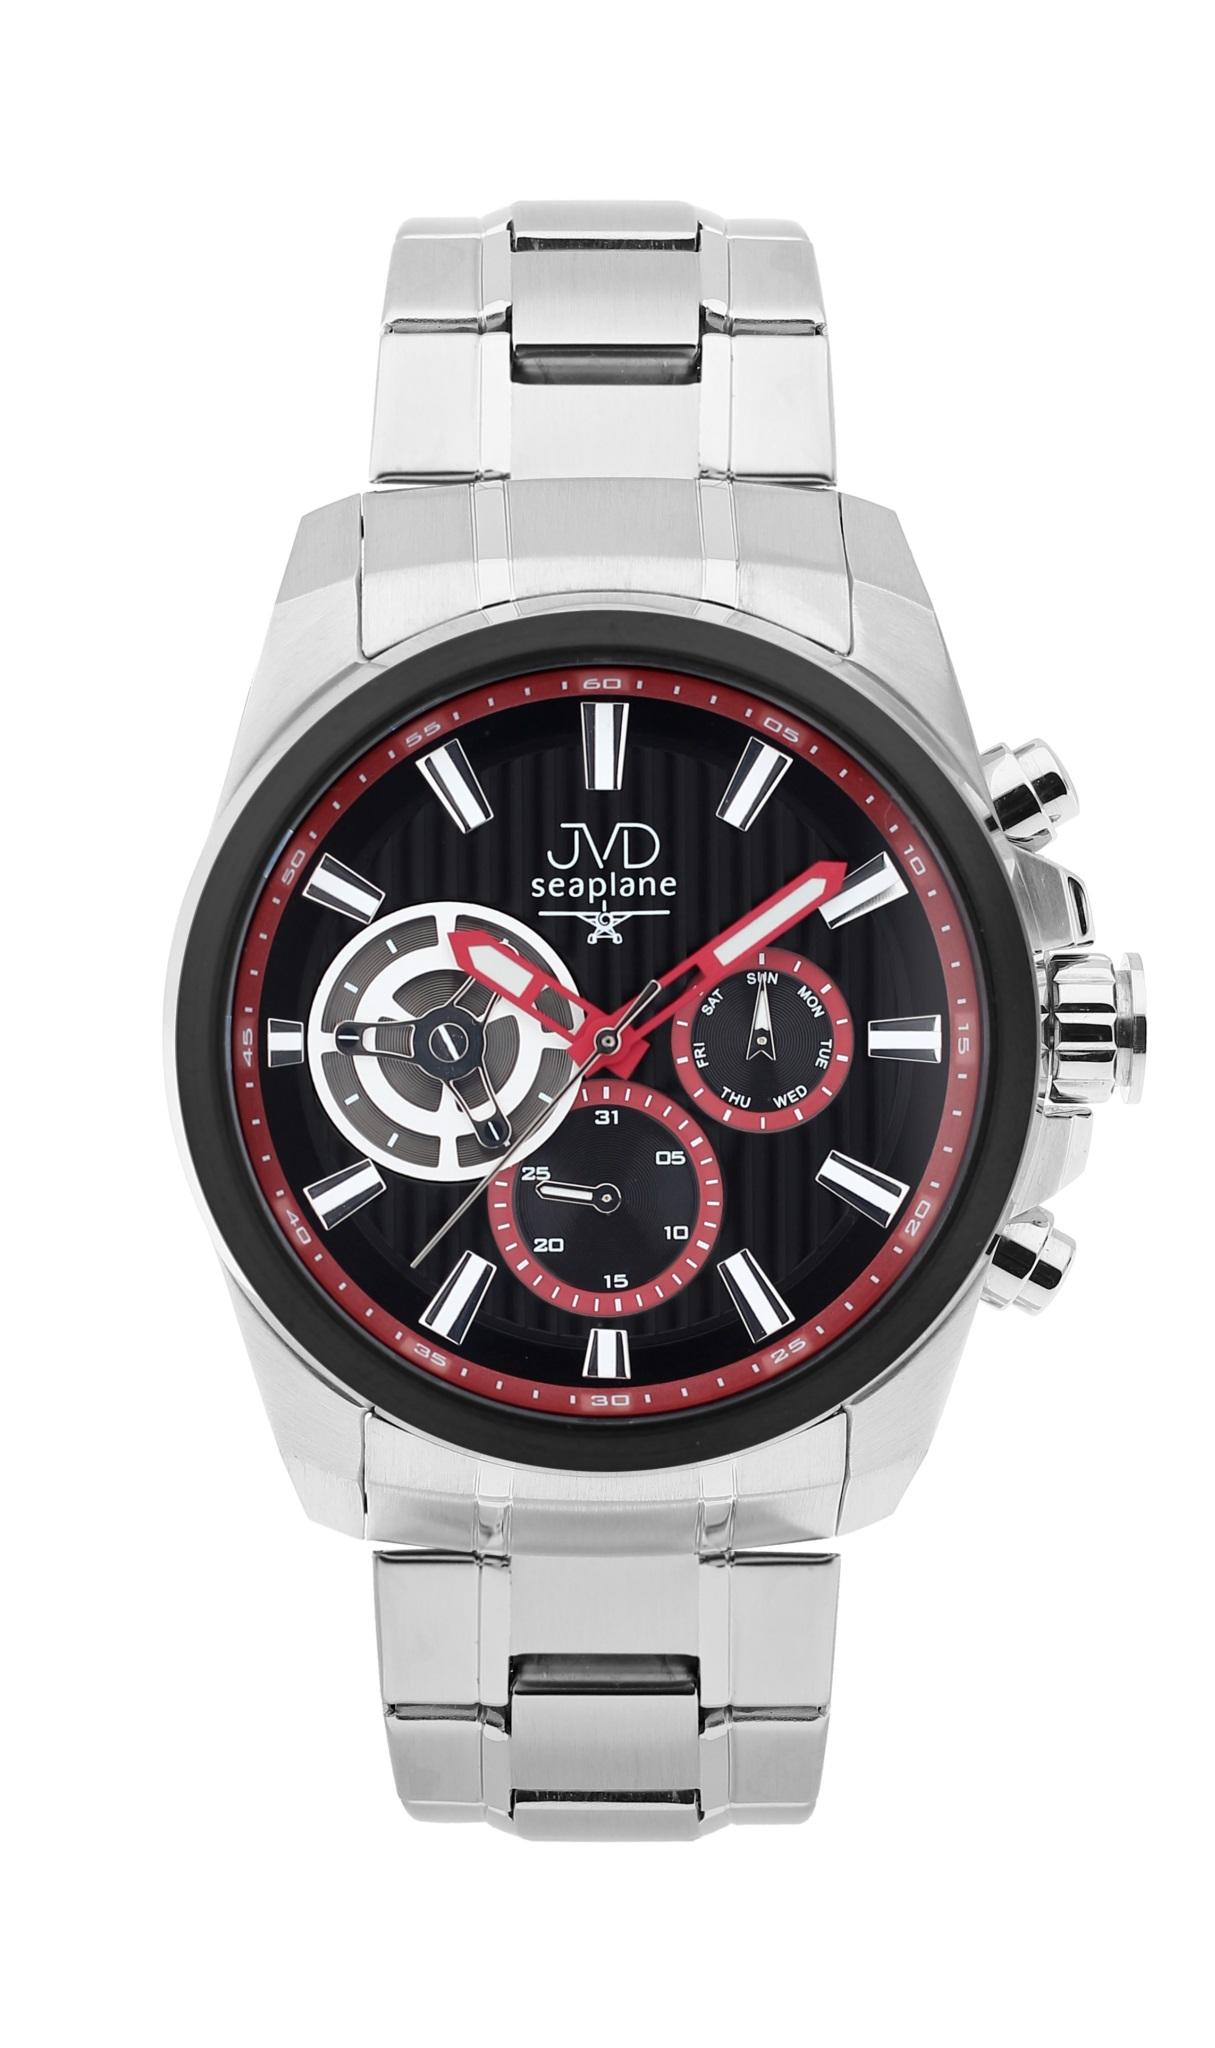 Pánské luxusní vodotěsné chronografy hodinky JVD seaplane W83.3 - 10ATM stopky